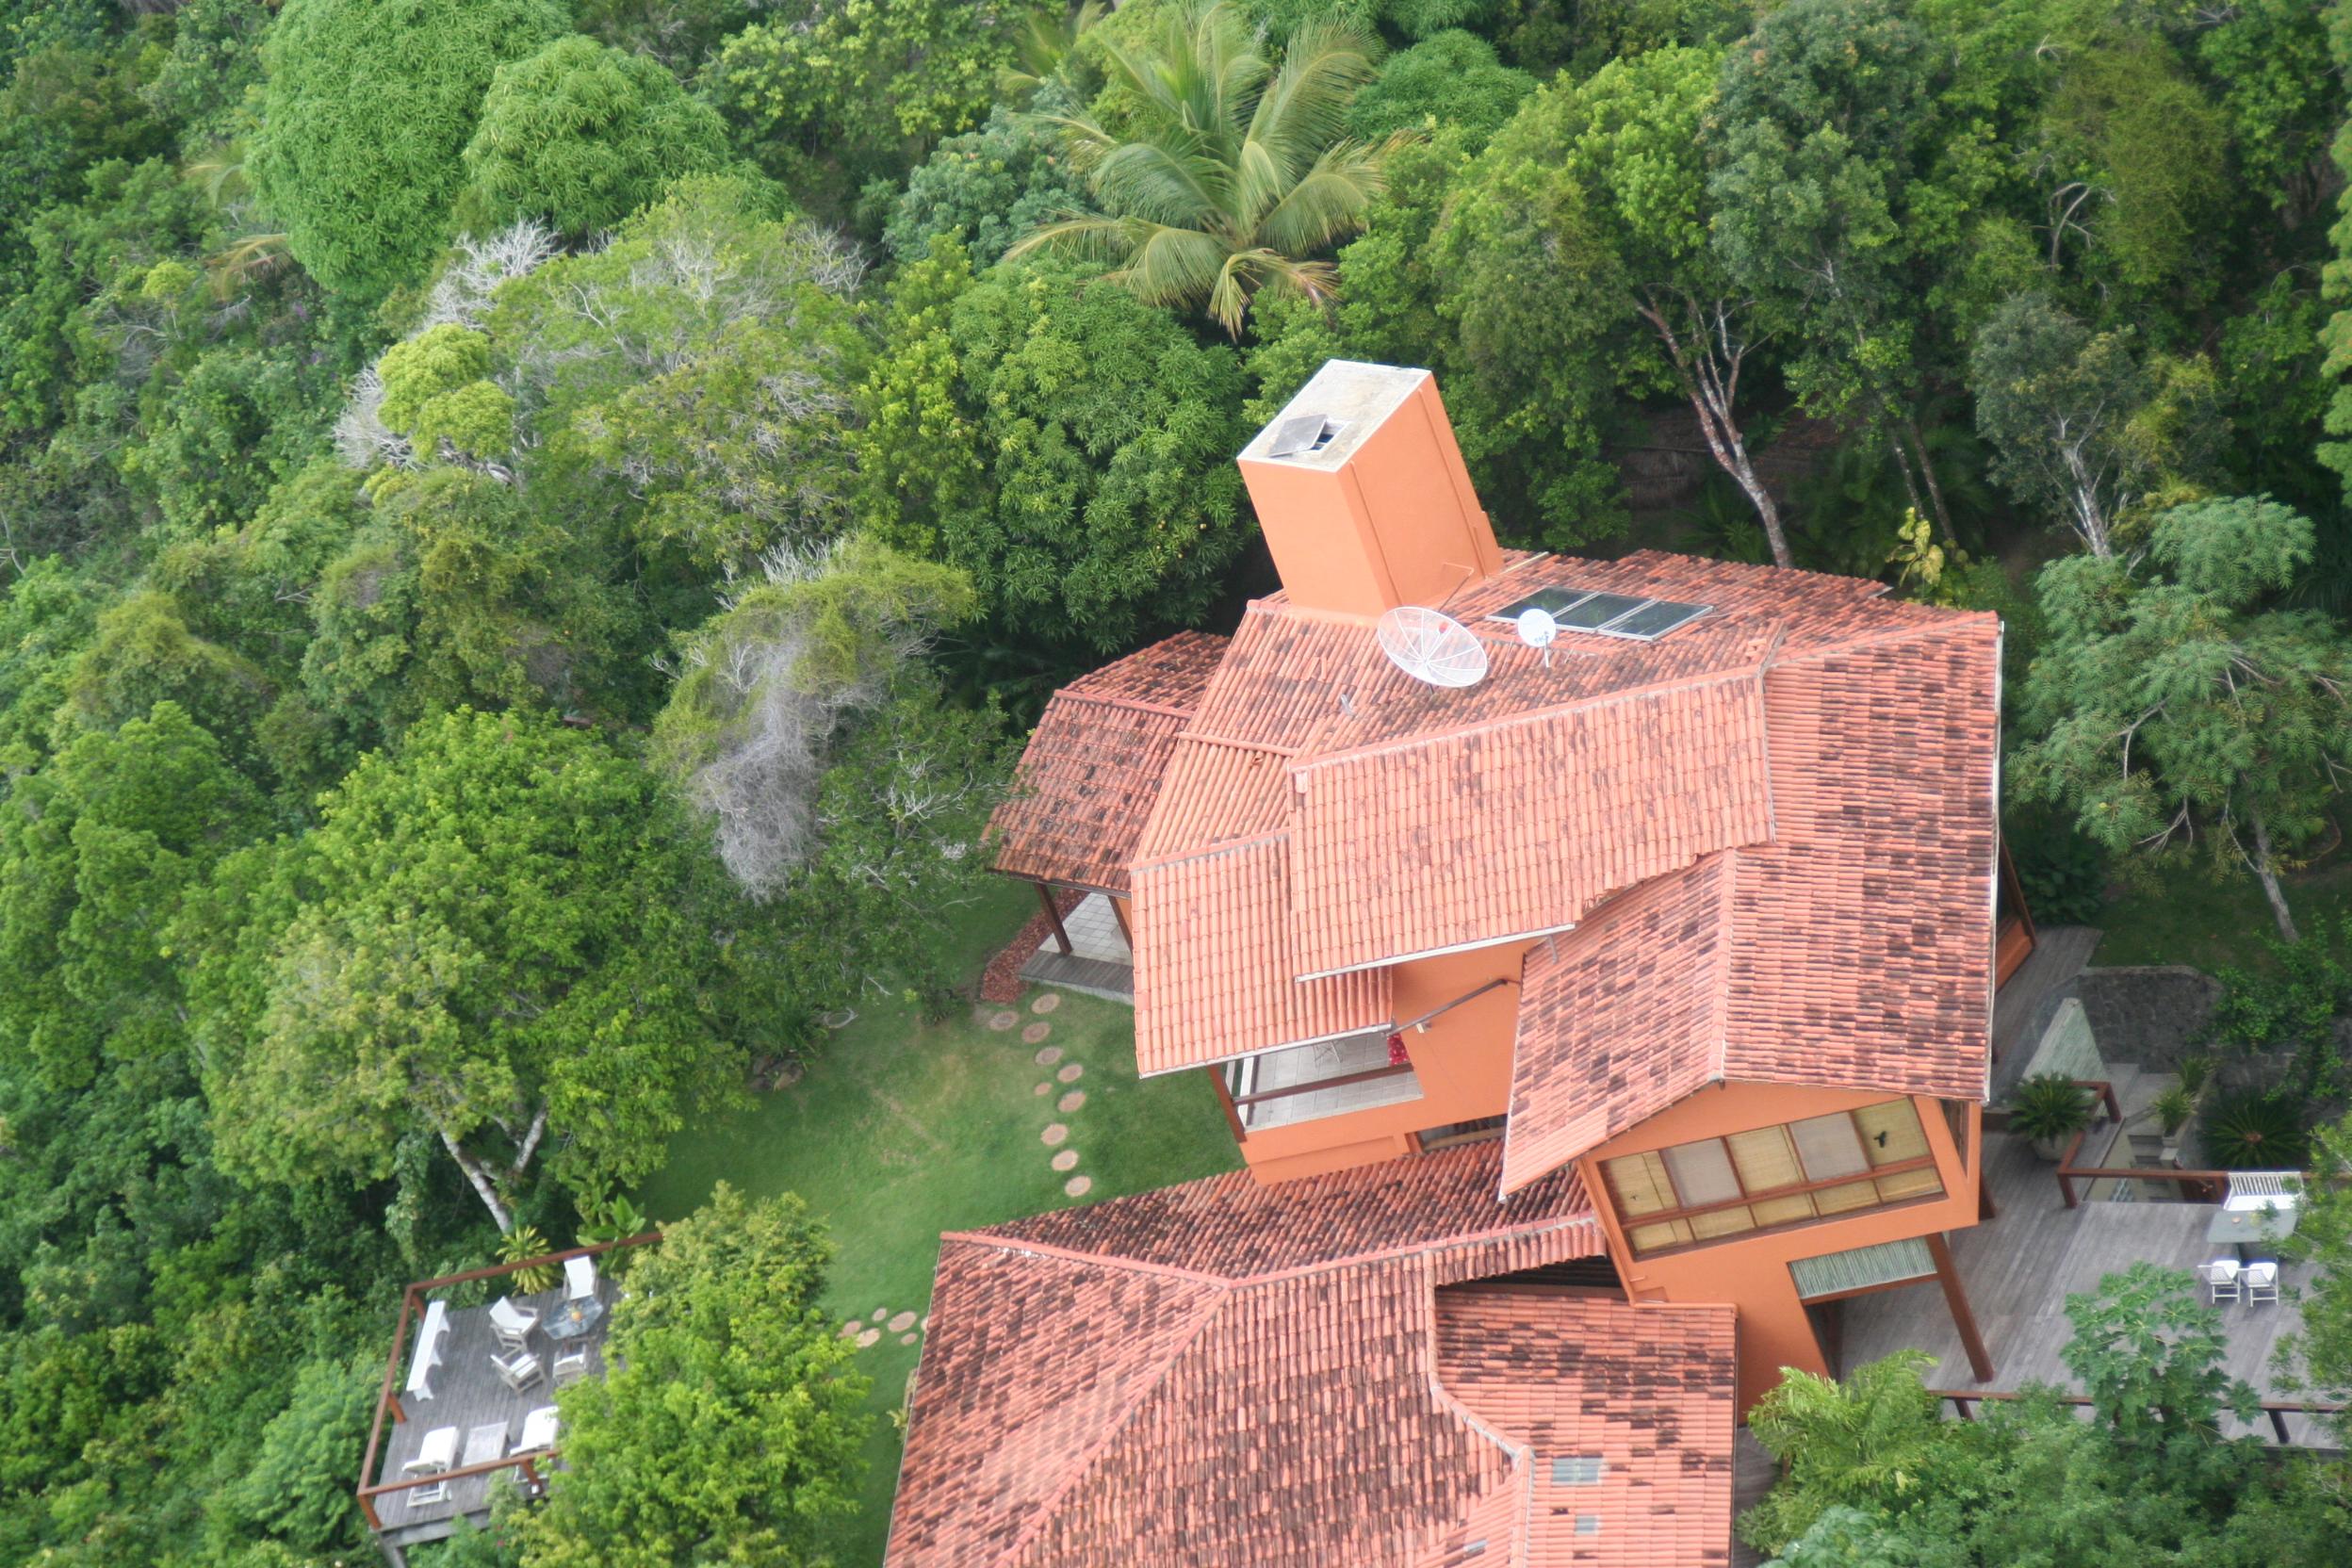 Santo André – Outeiro – GT Alto Padrão MangueAlto Imóveis #AE421D 2496x1664 Banheiro Automatico Cachorro